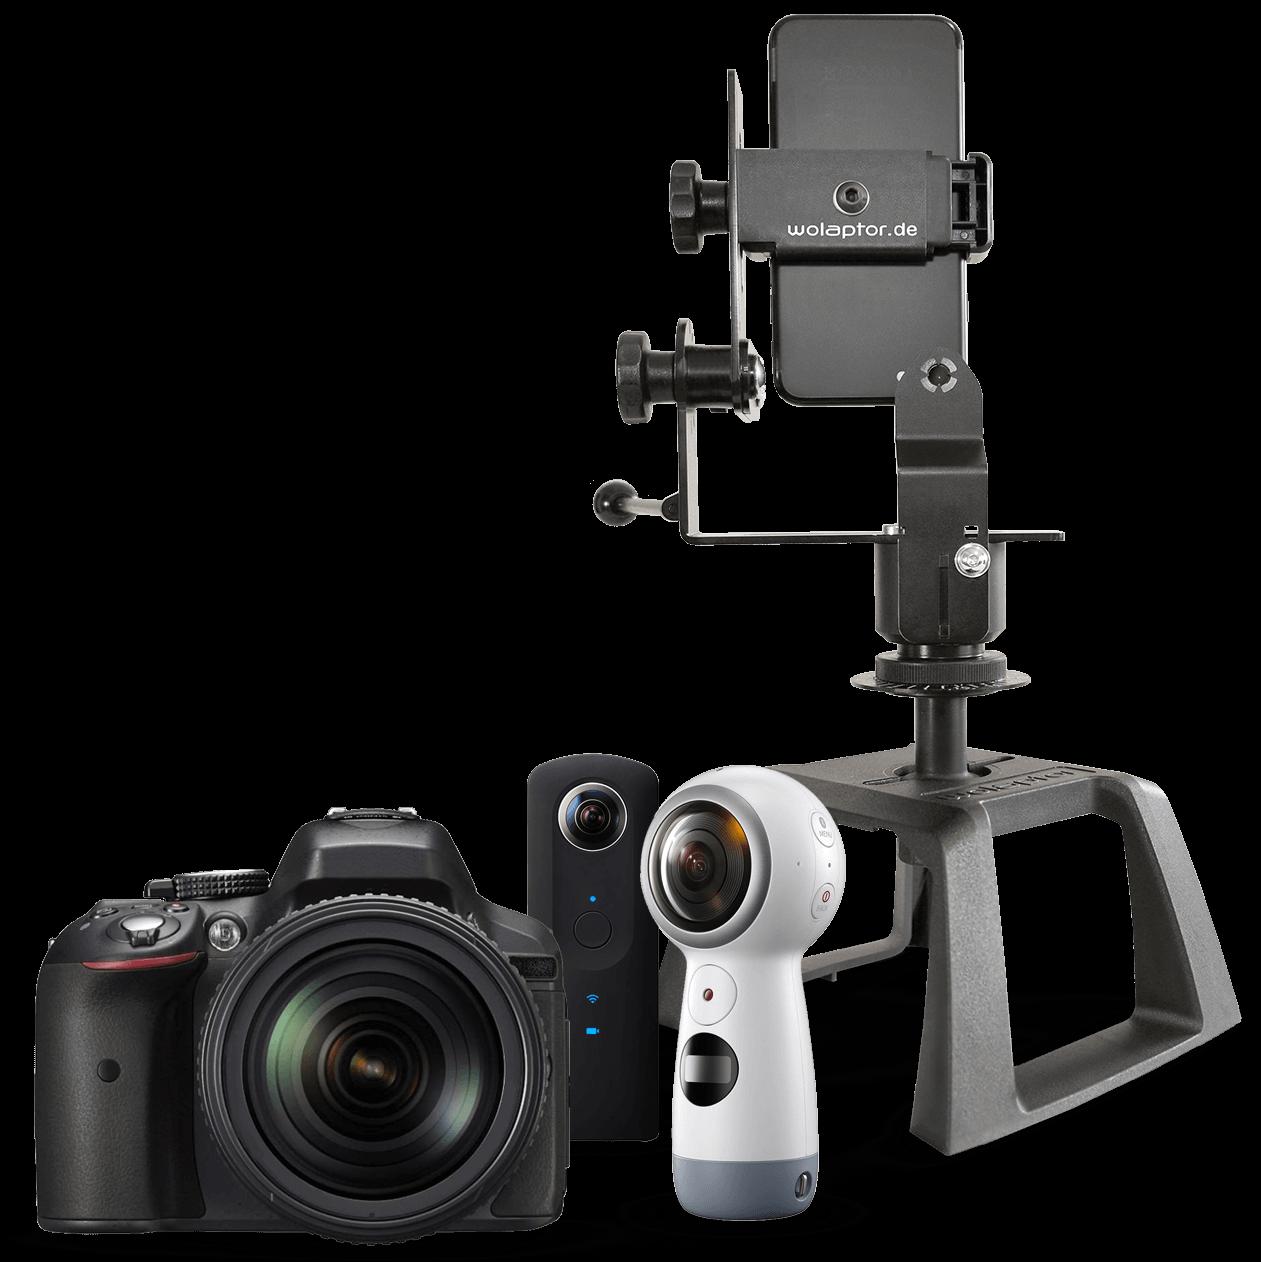 360 Grad Kamera, Handy und wolaptor